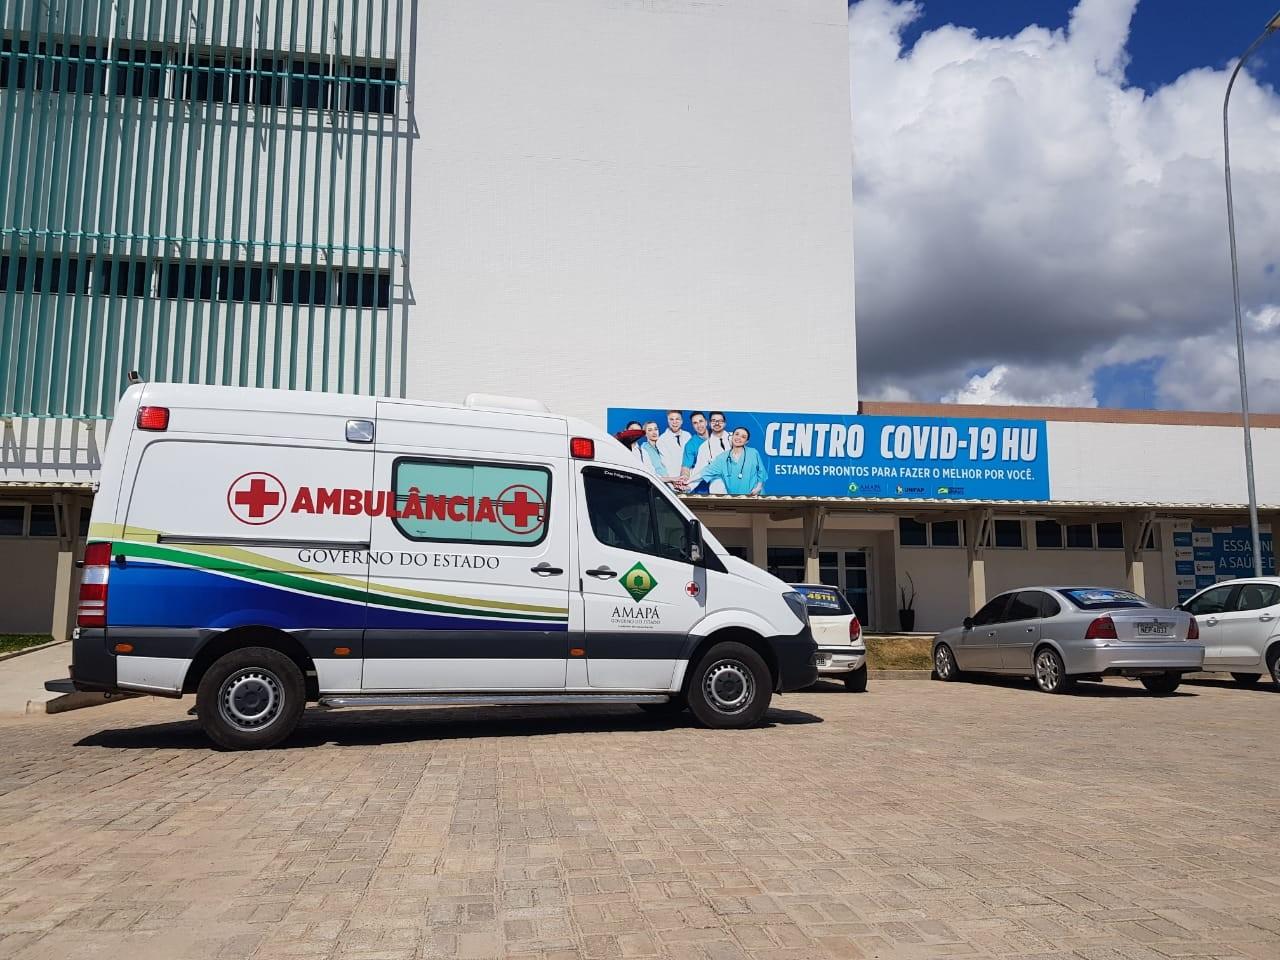 Covid-19: Amapá contabiliza mais 3 mortes e 302 casos; são 826 óbitos e 61 mil infectados